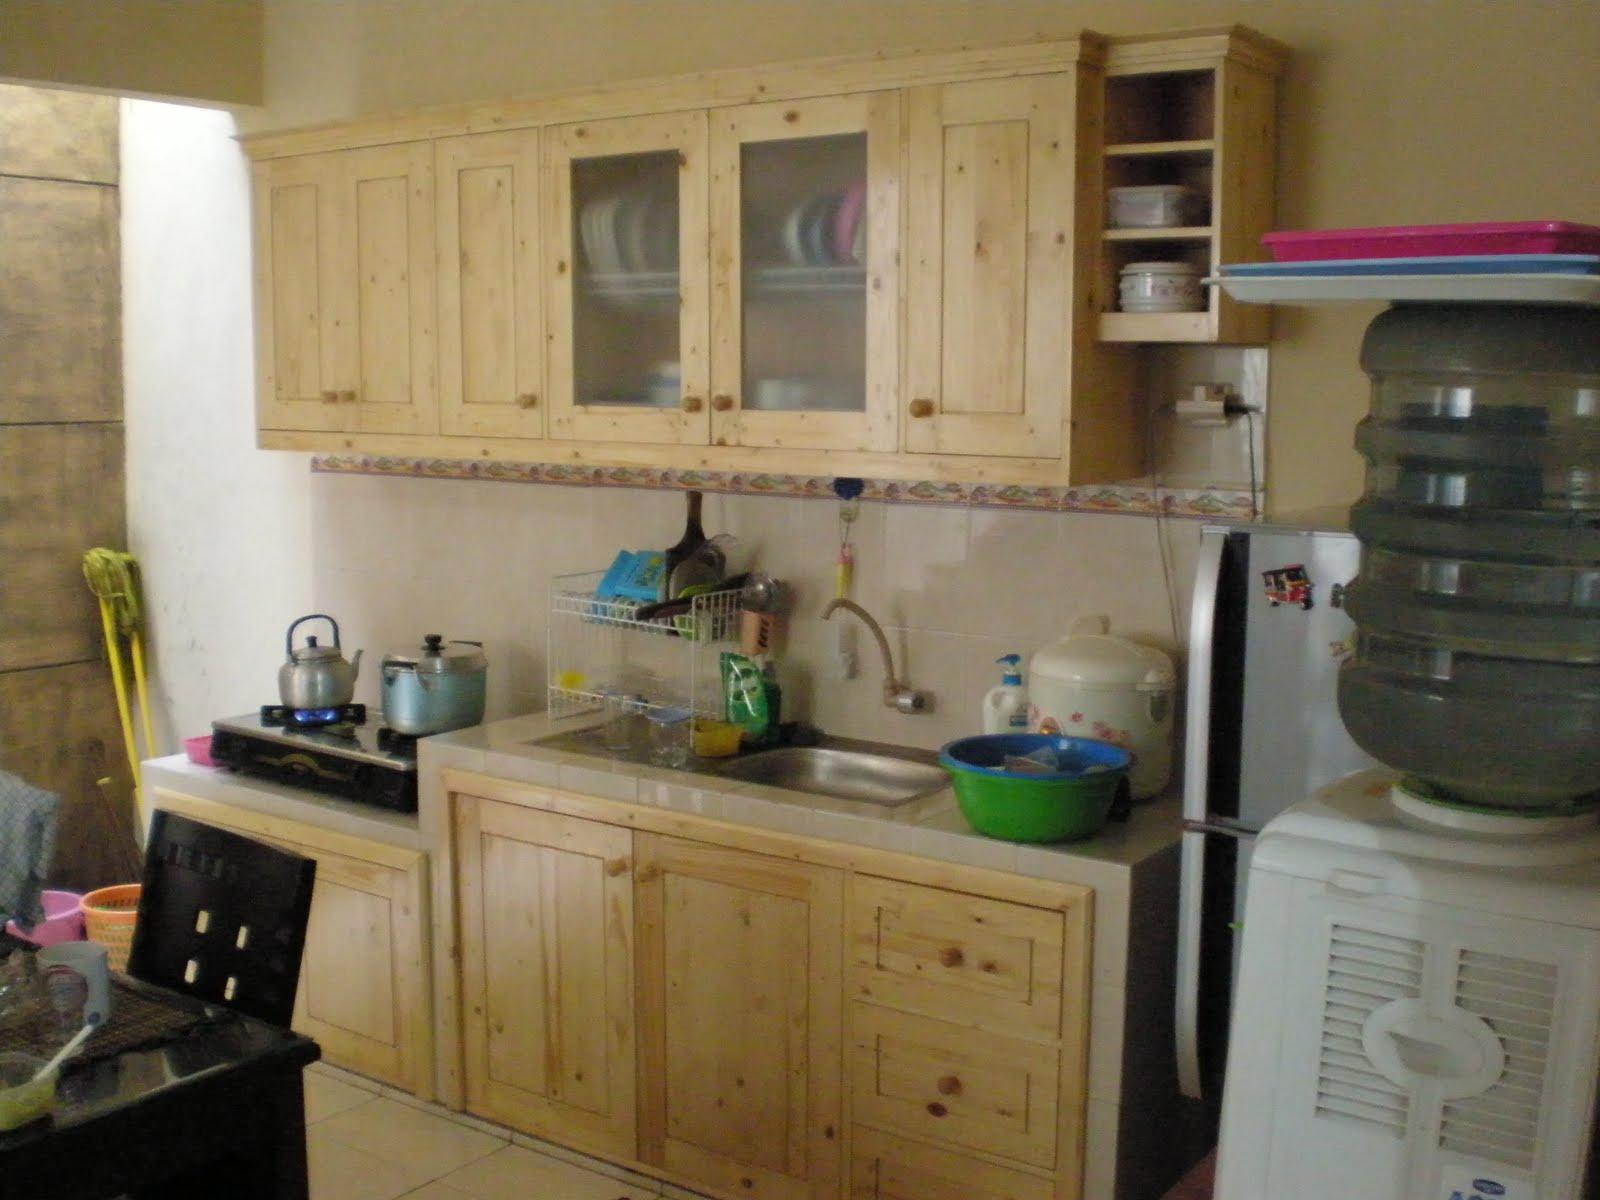 Rumah budi dauh rumah budi dauh punya dapur baru for Tukang kitchen set